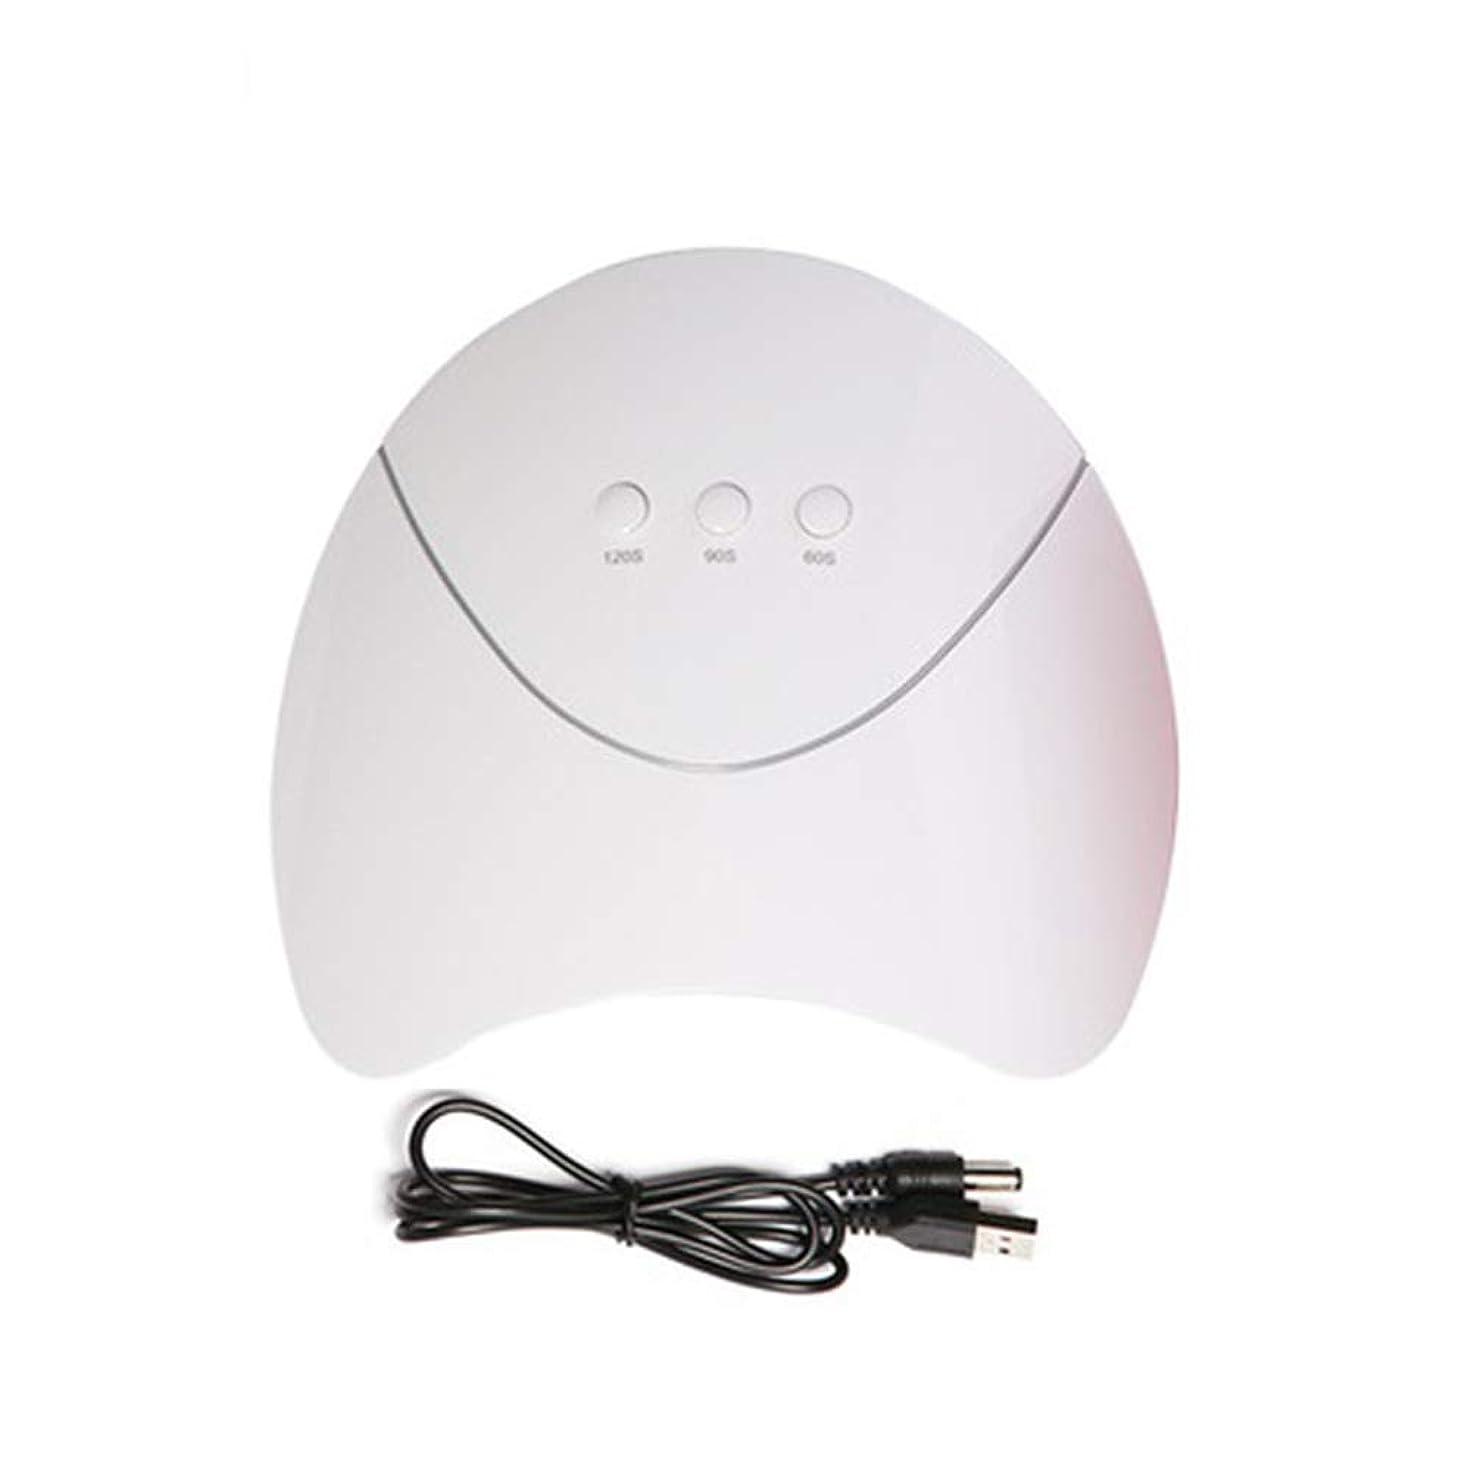 ずっと乳白控えるACHICOO ネイルドライヤー 硬化用UVライト ネイルアート 家庭用 ネイルジェルラッカード ライヤー 36W UV Led ネイルドライヤー